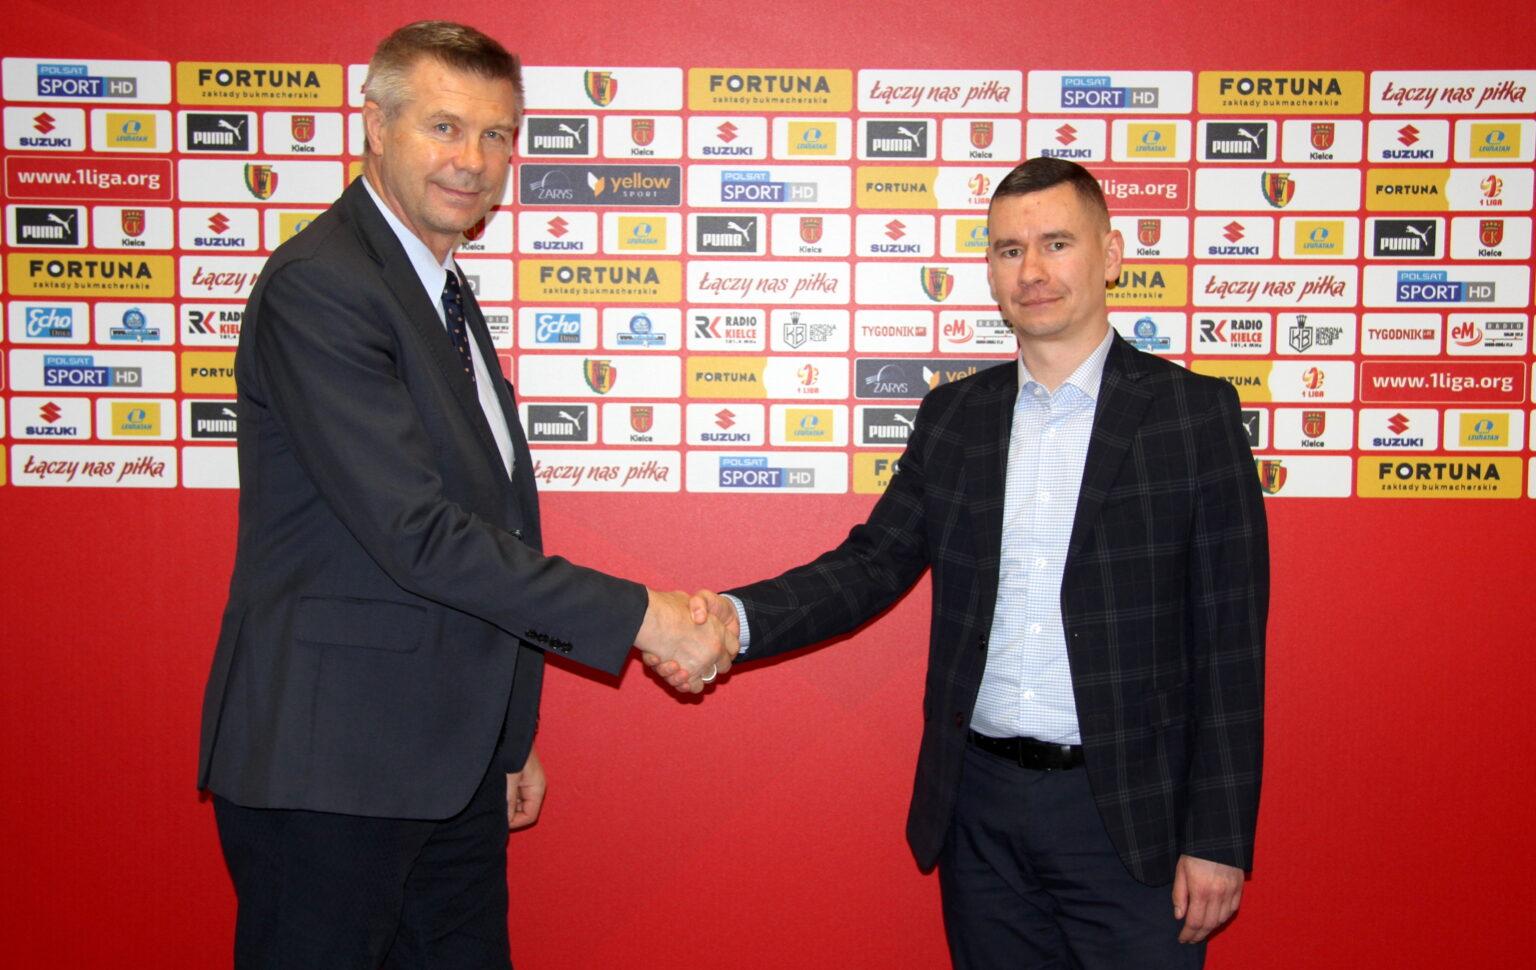 Łukasz Jabłoński, Bogdan Wenta, Korona Kielce